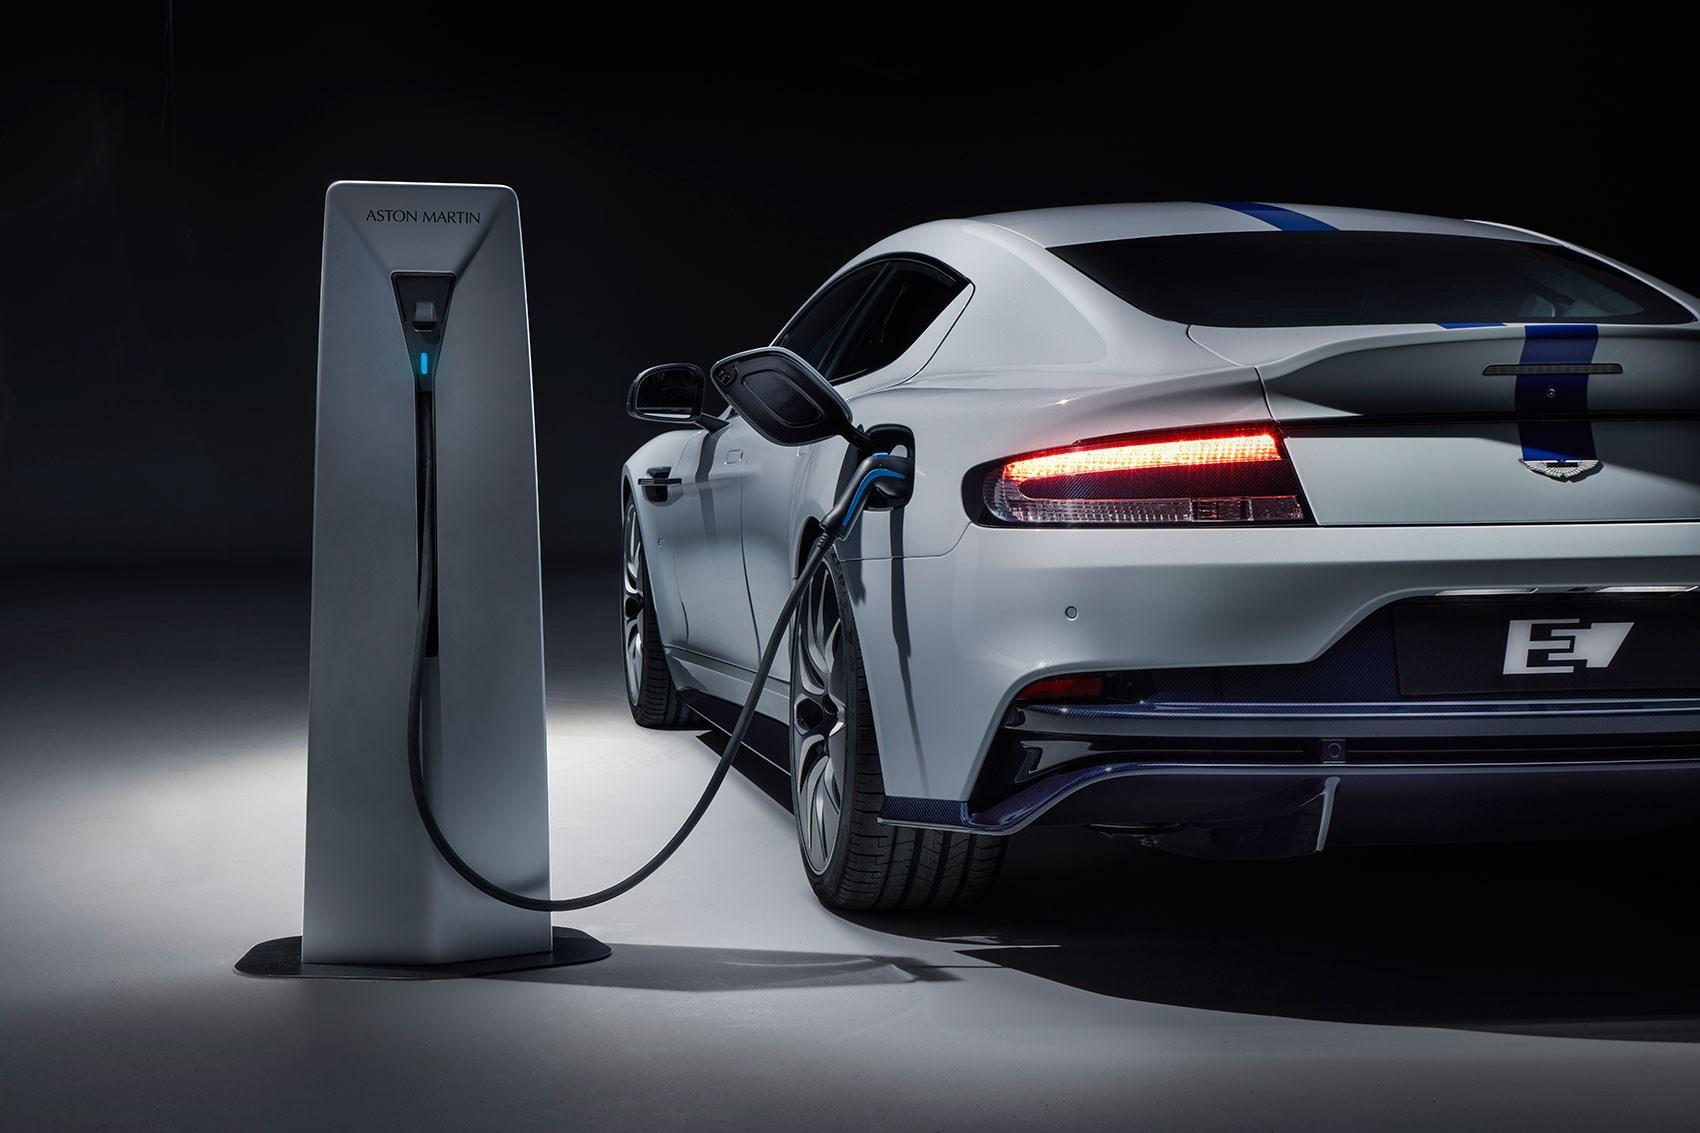 The New 2019 Aston Martin Rapide E